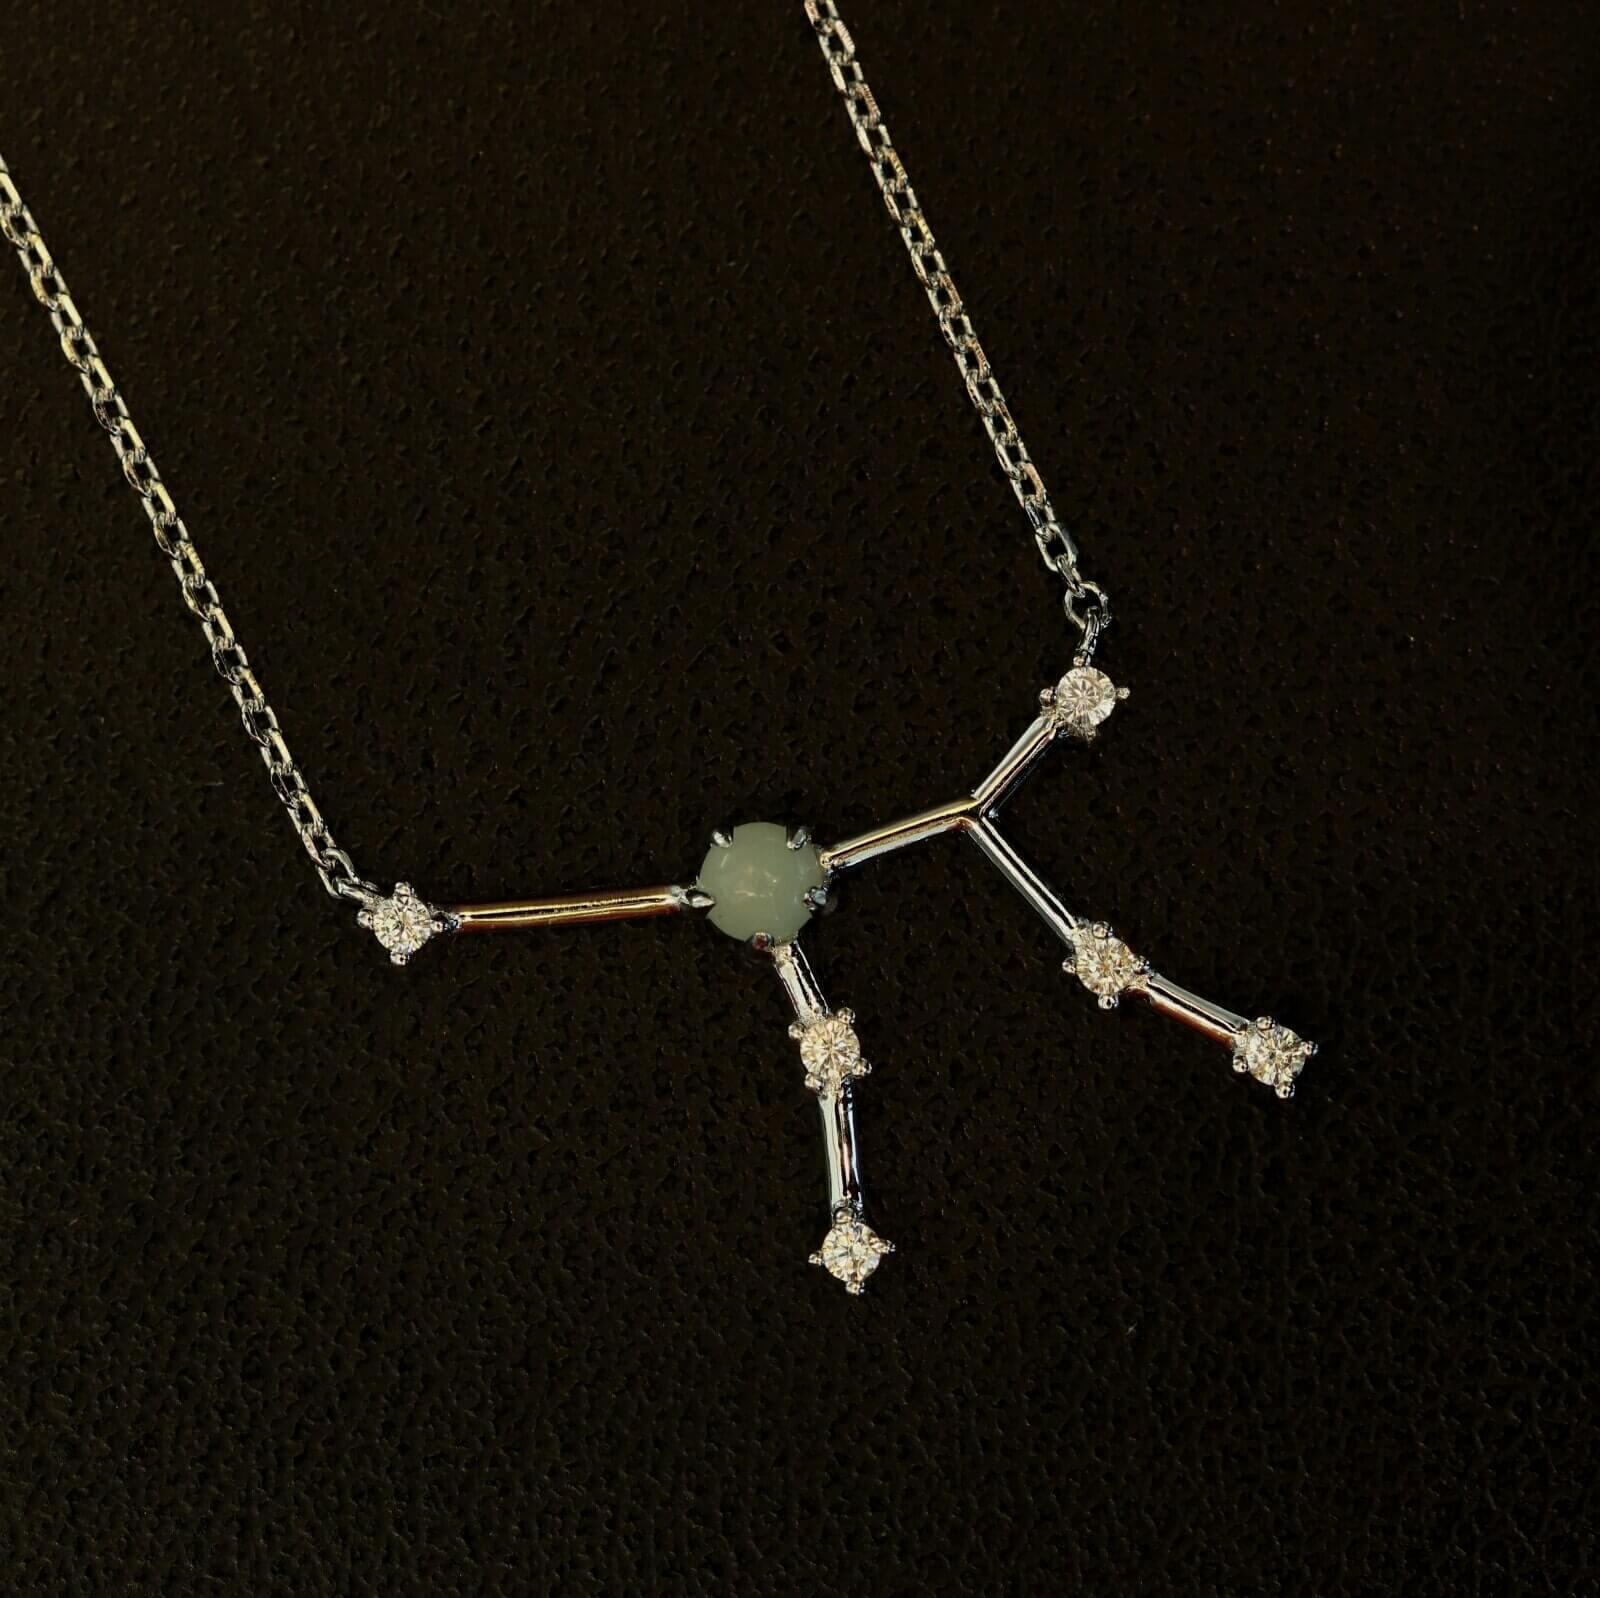 Silberanhänger Sternbild Jungfrau mit einem Amazonit und Zirkonen